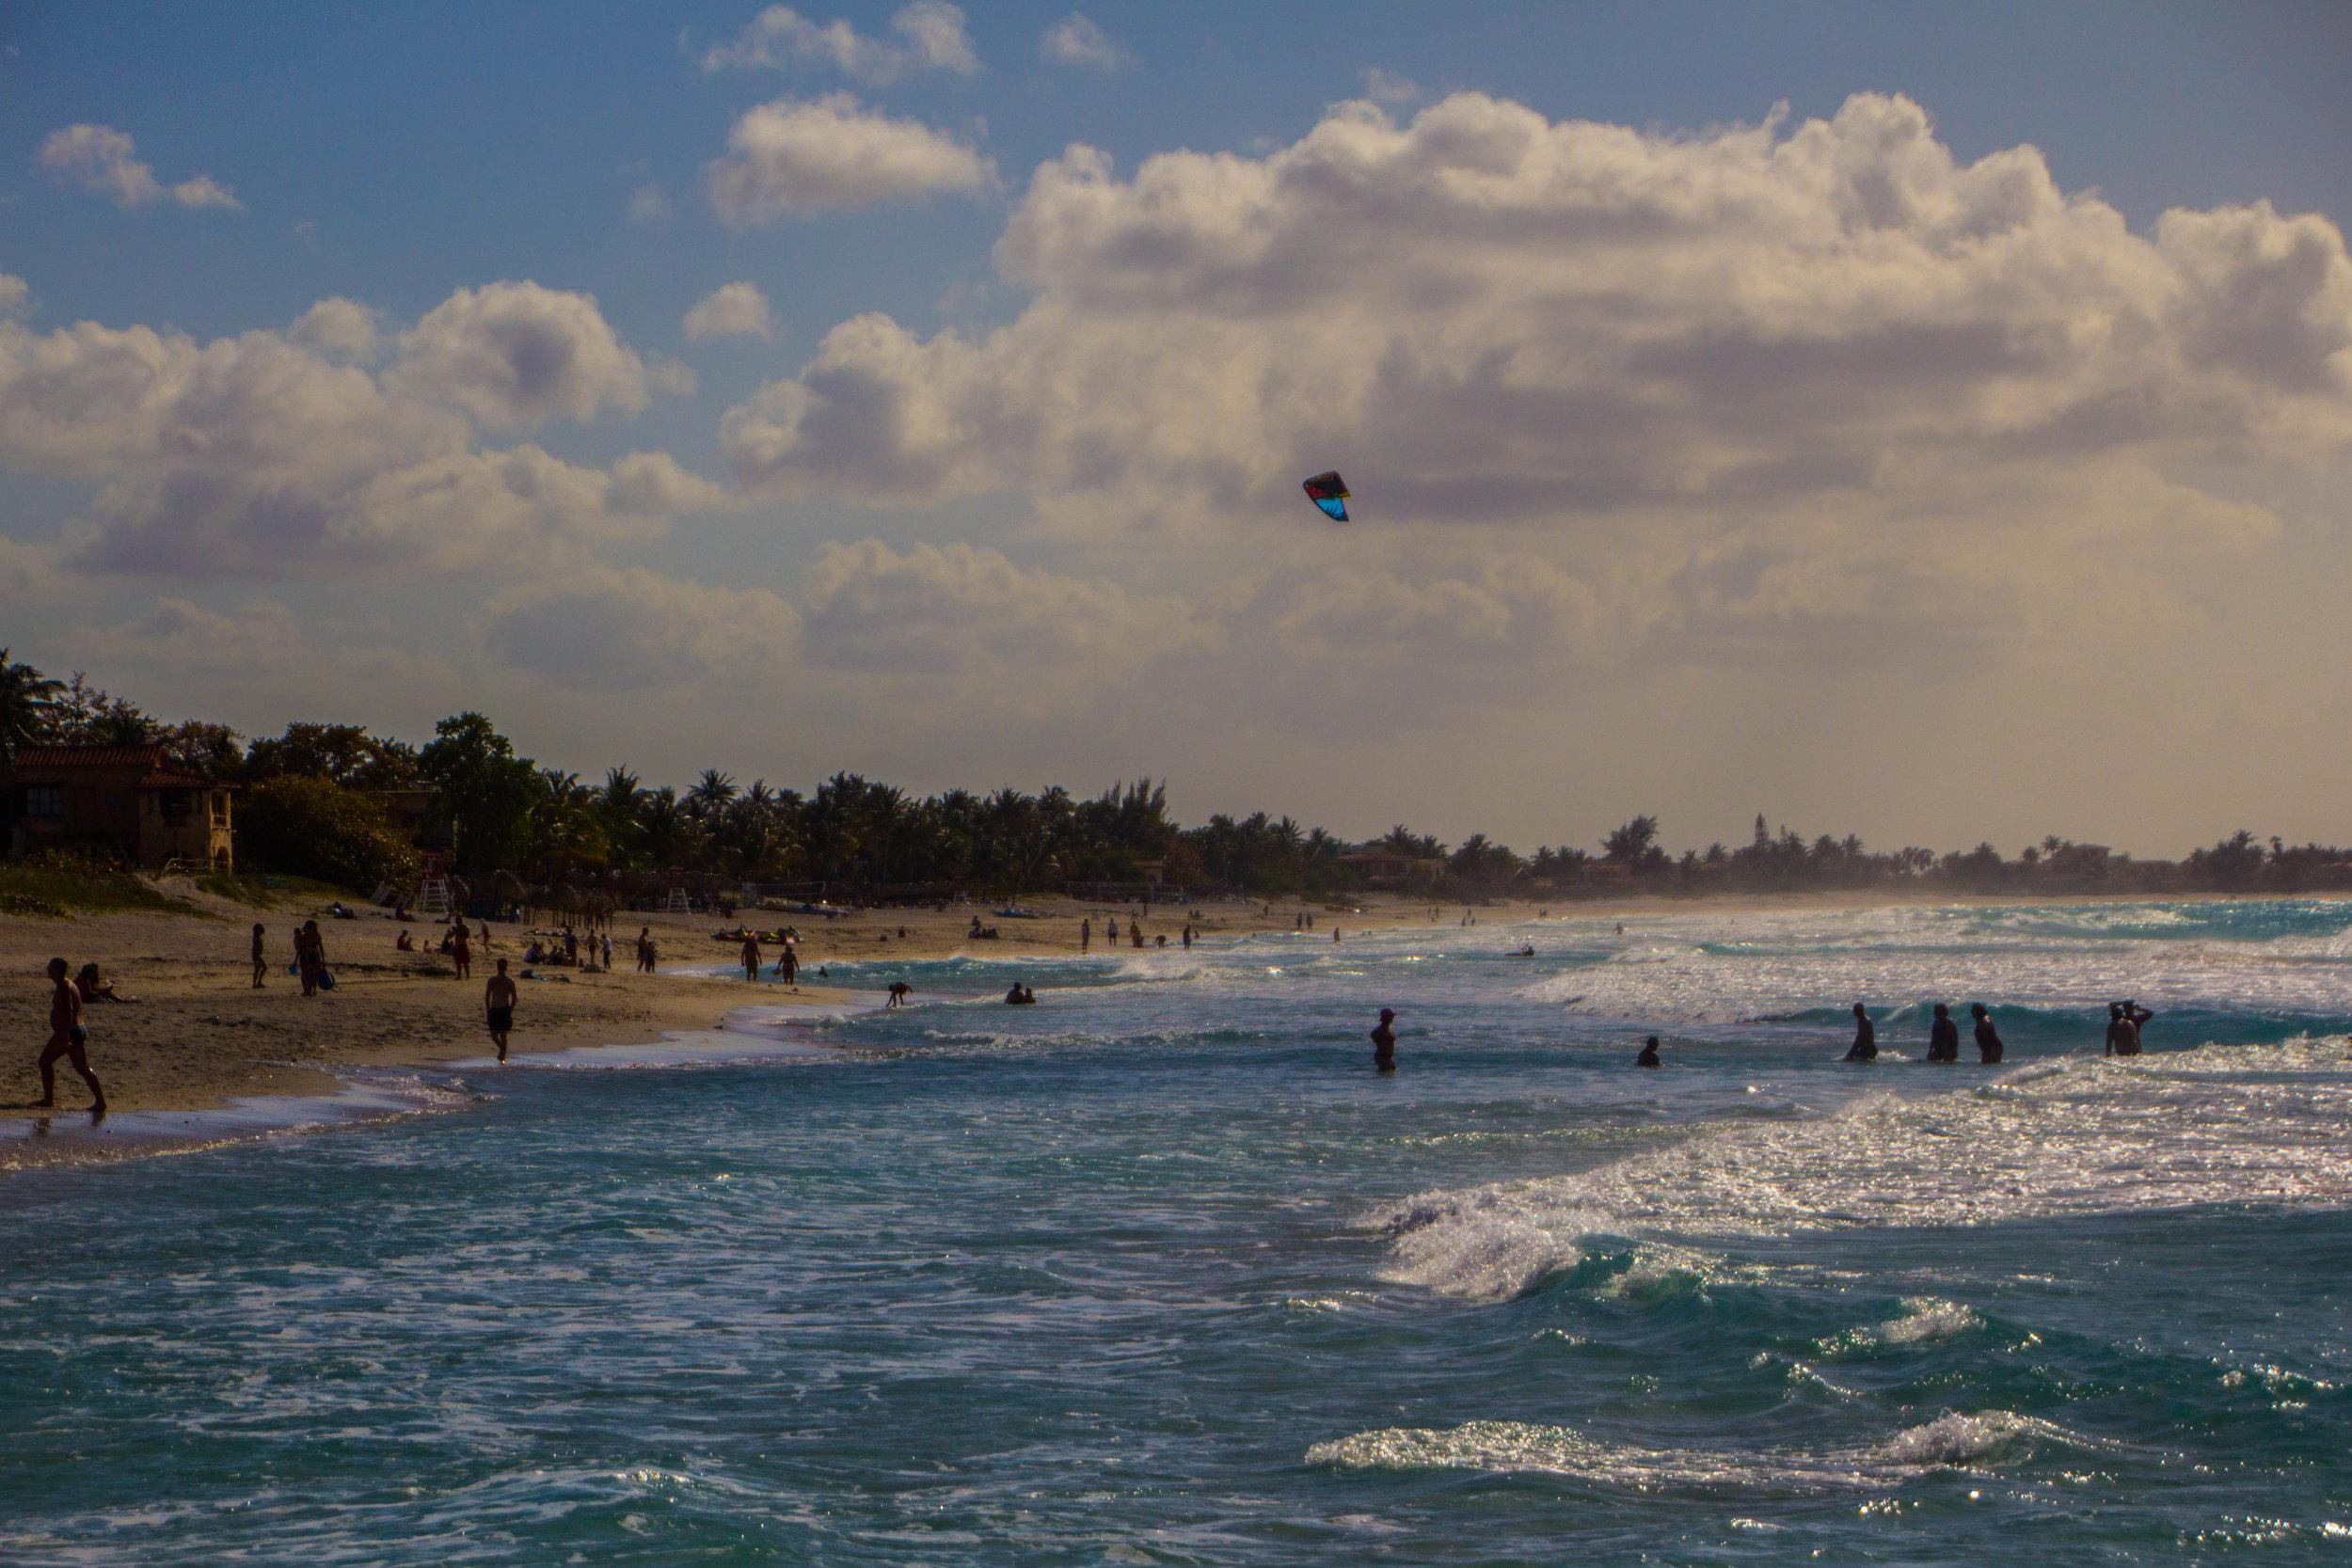 beaches varadero cuba-1-2-2.jpg